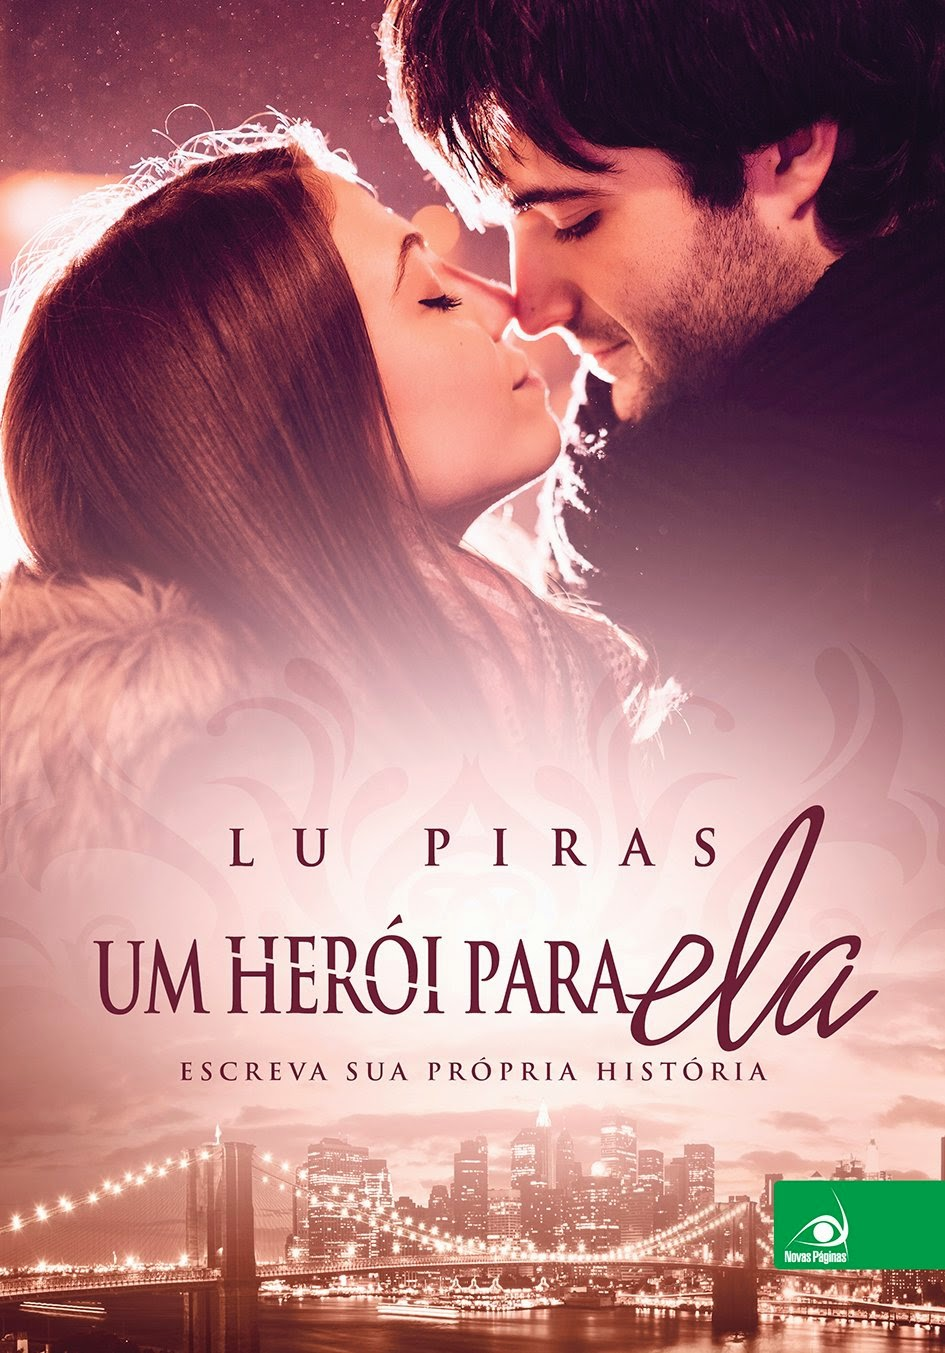 http://conjuntodaobra.blogspot.com.br/2014/05/um-heroi-para-ela-lu-piras.html